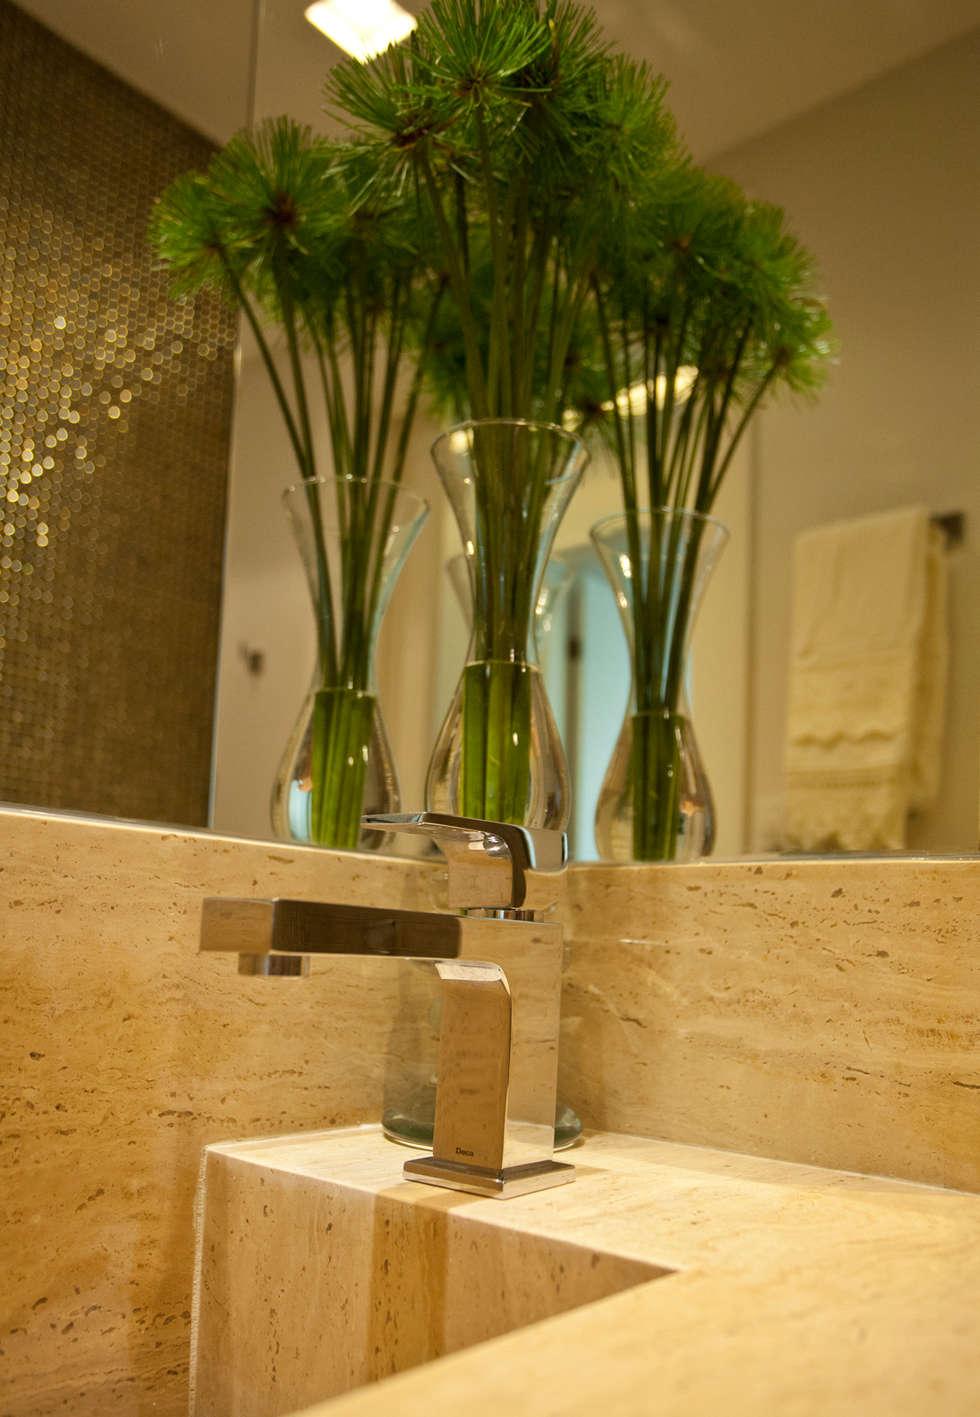 DETALHE DA BANCADA: Salas de estar modernas por Leles Arquitetura e Iluminação